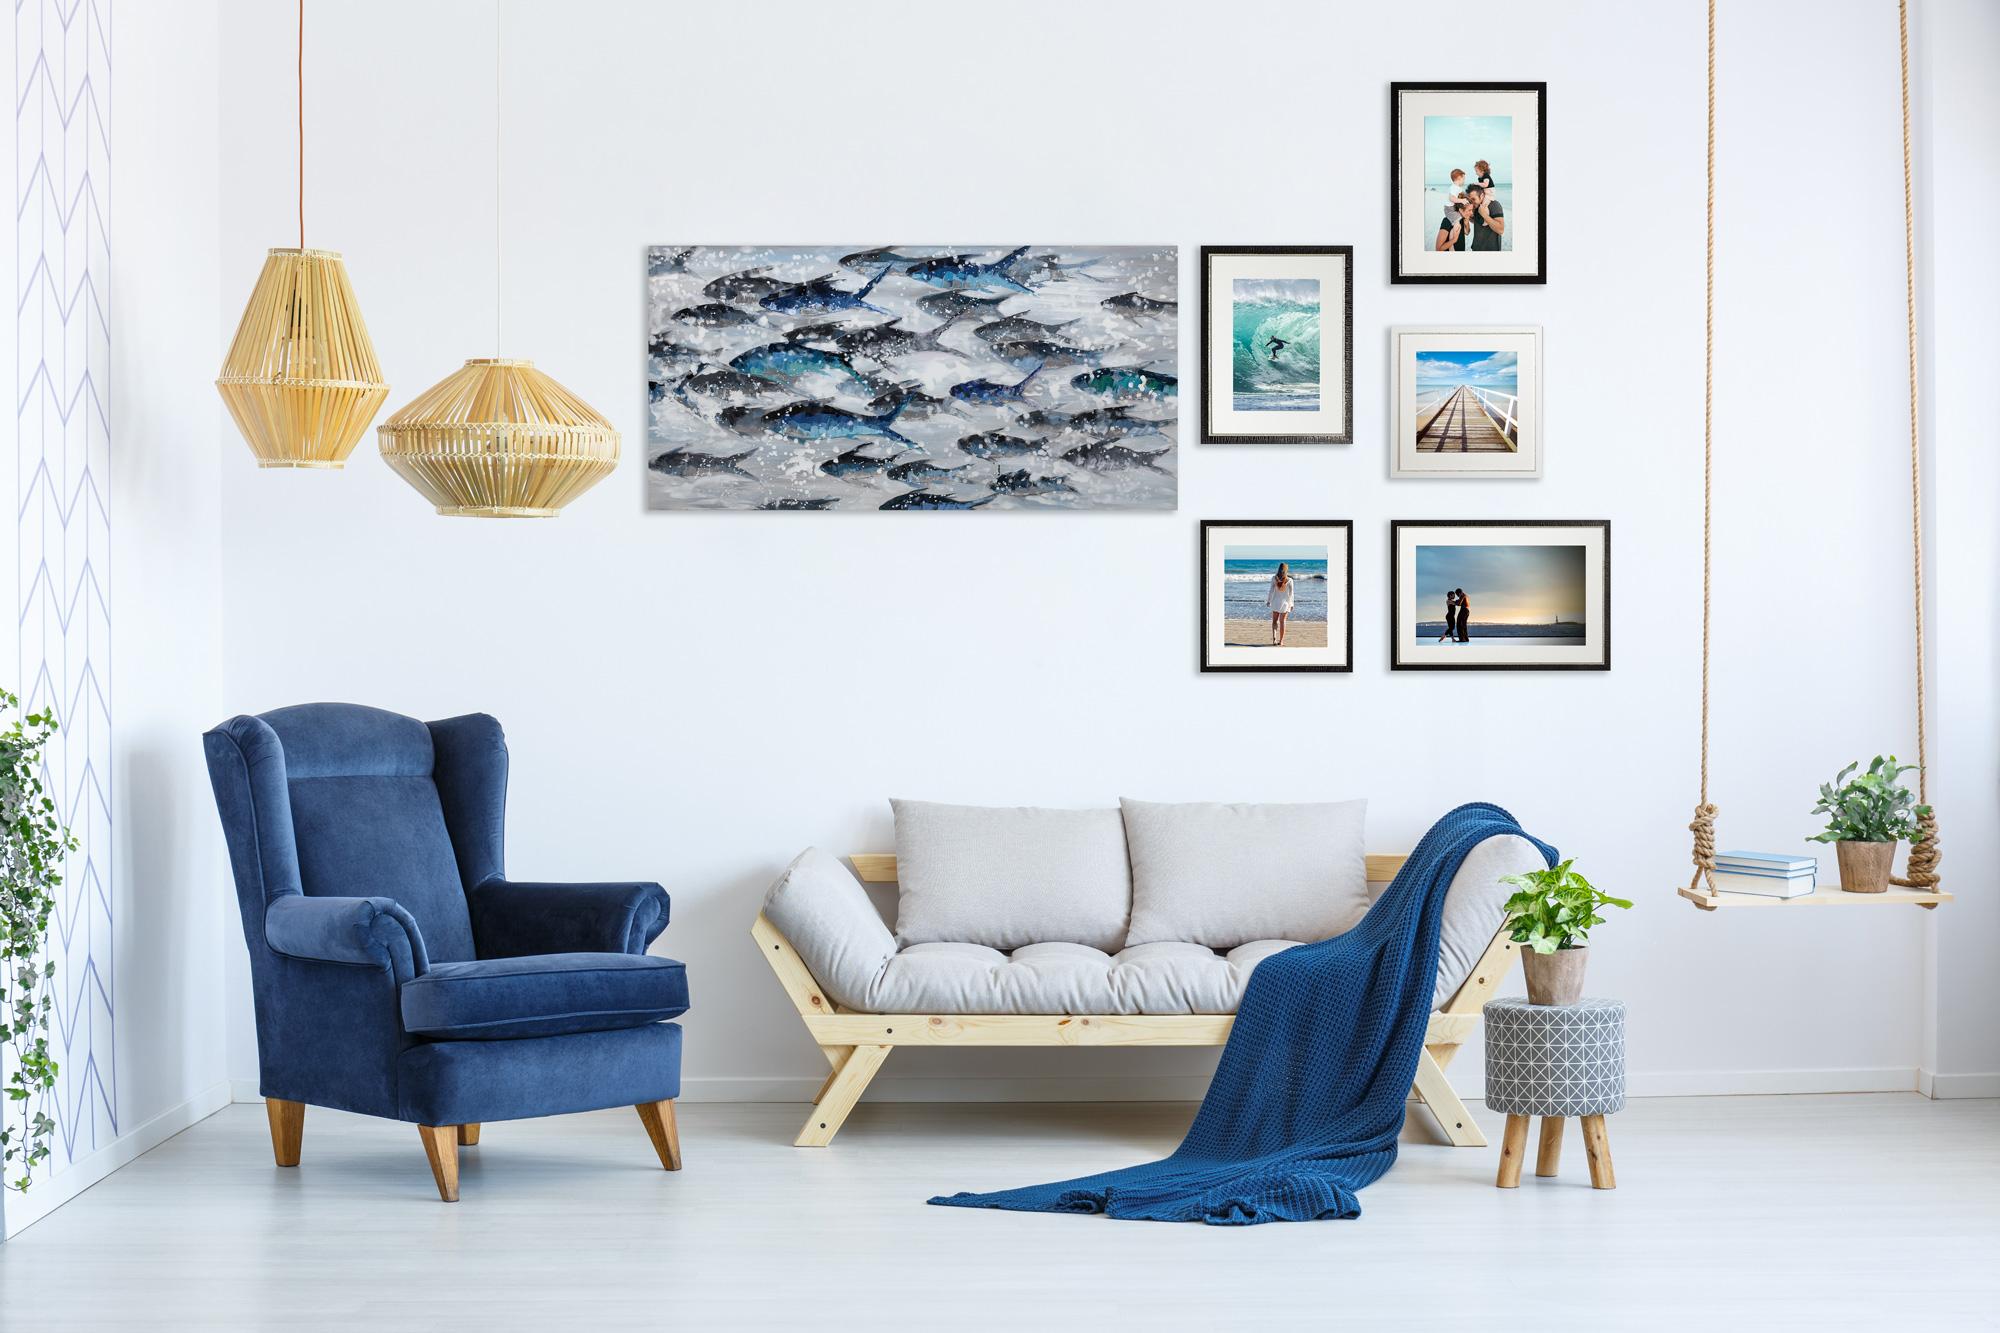 5 idee per decorare le pareti della tua casa arredobene for Pareti casa